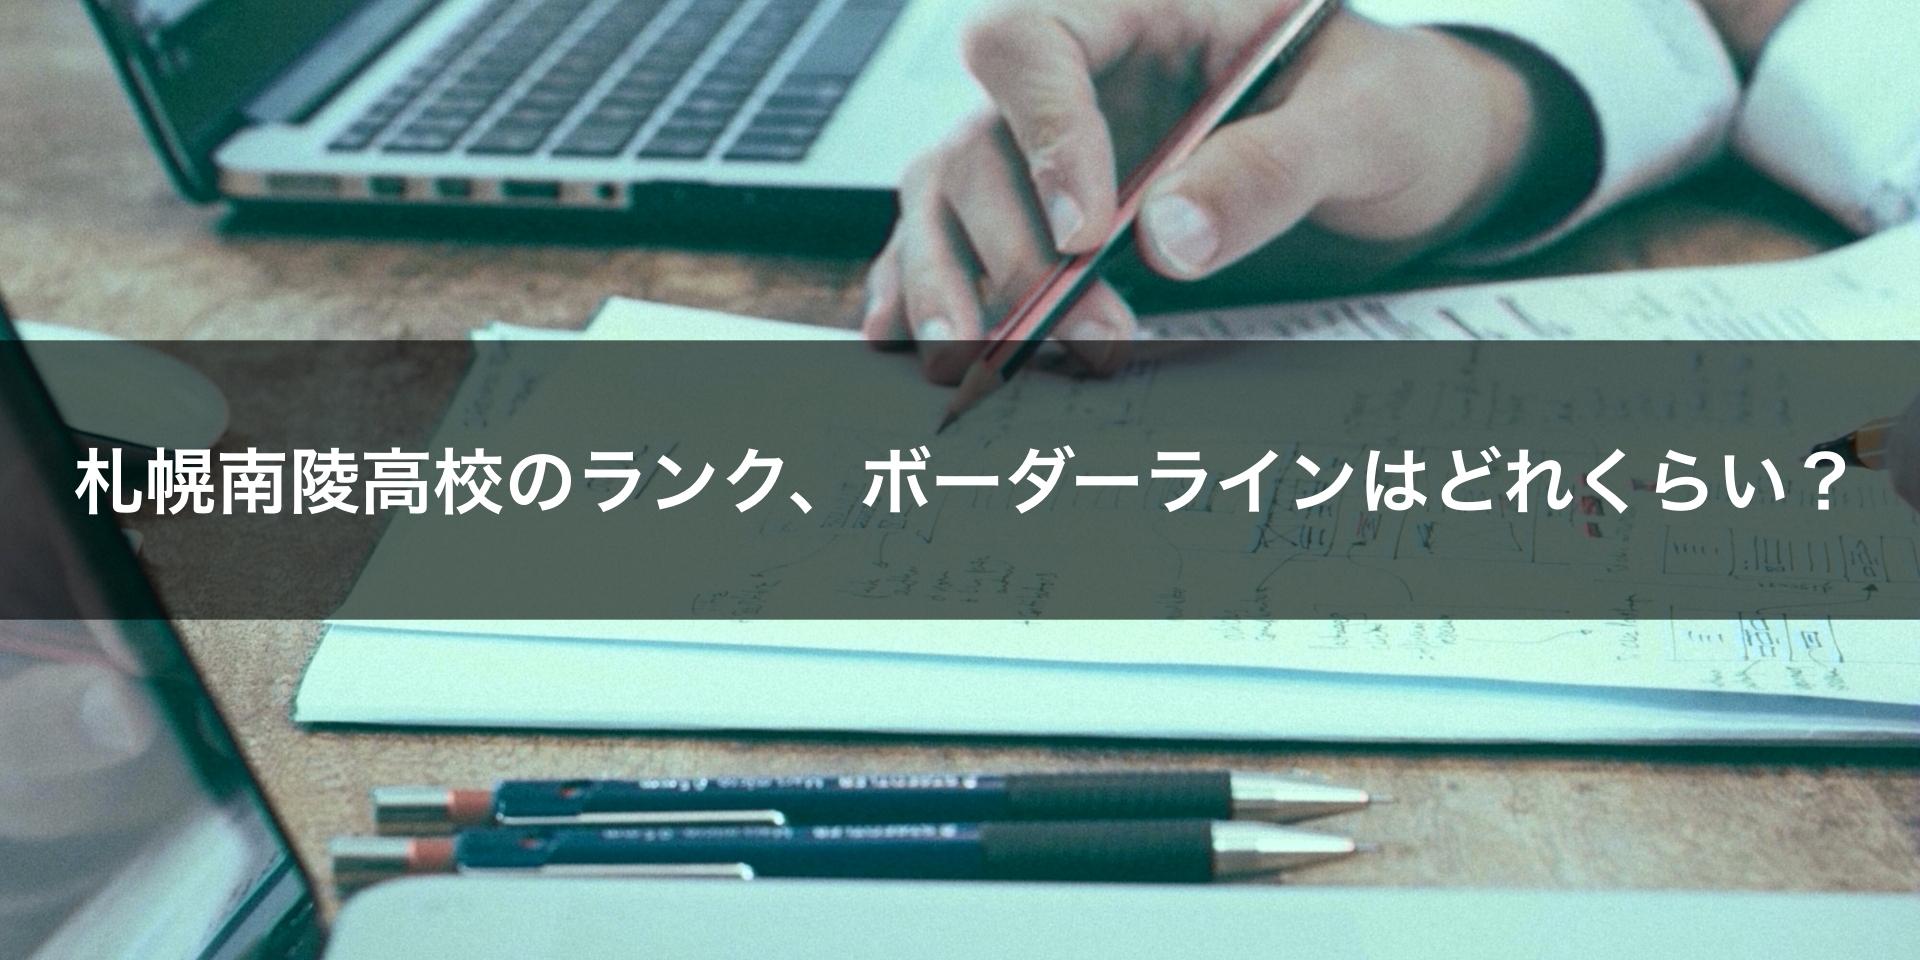 札幌南陵高校のランク、ボーダーラインはどれくらい?